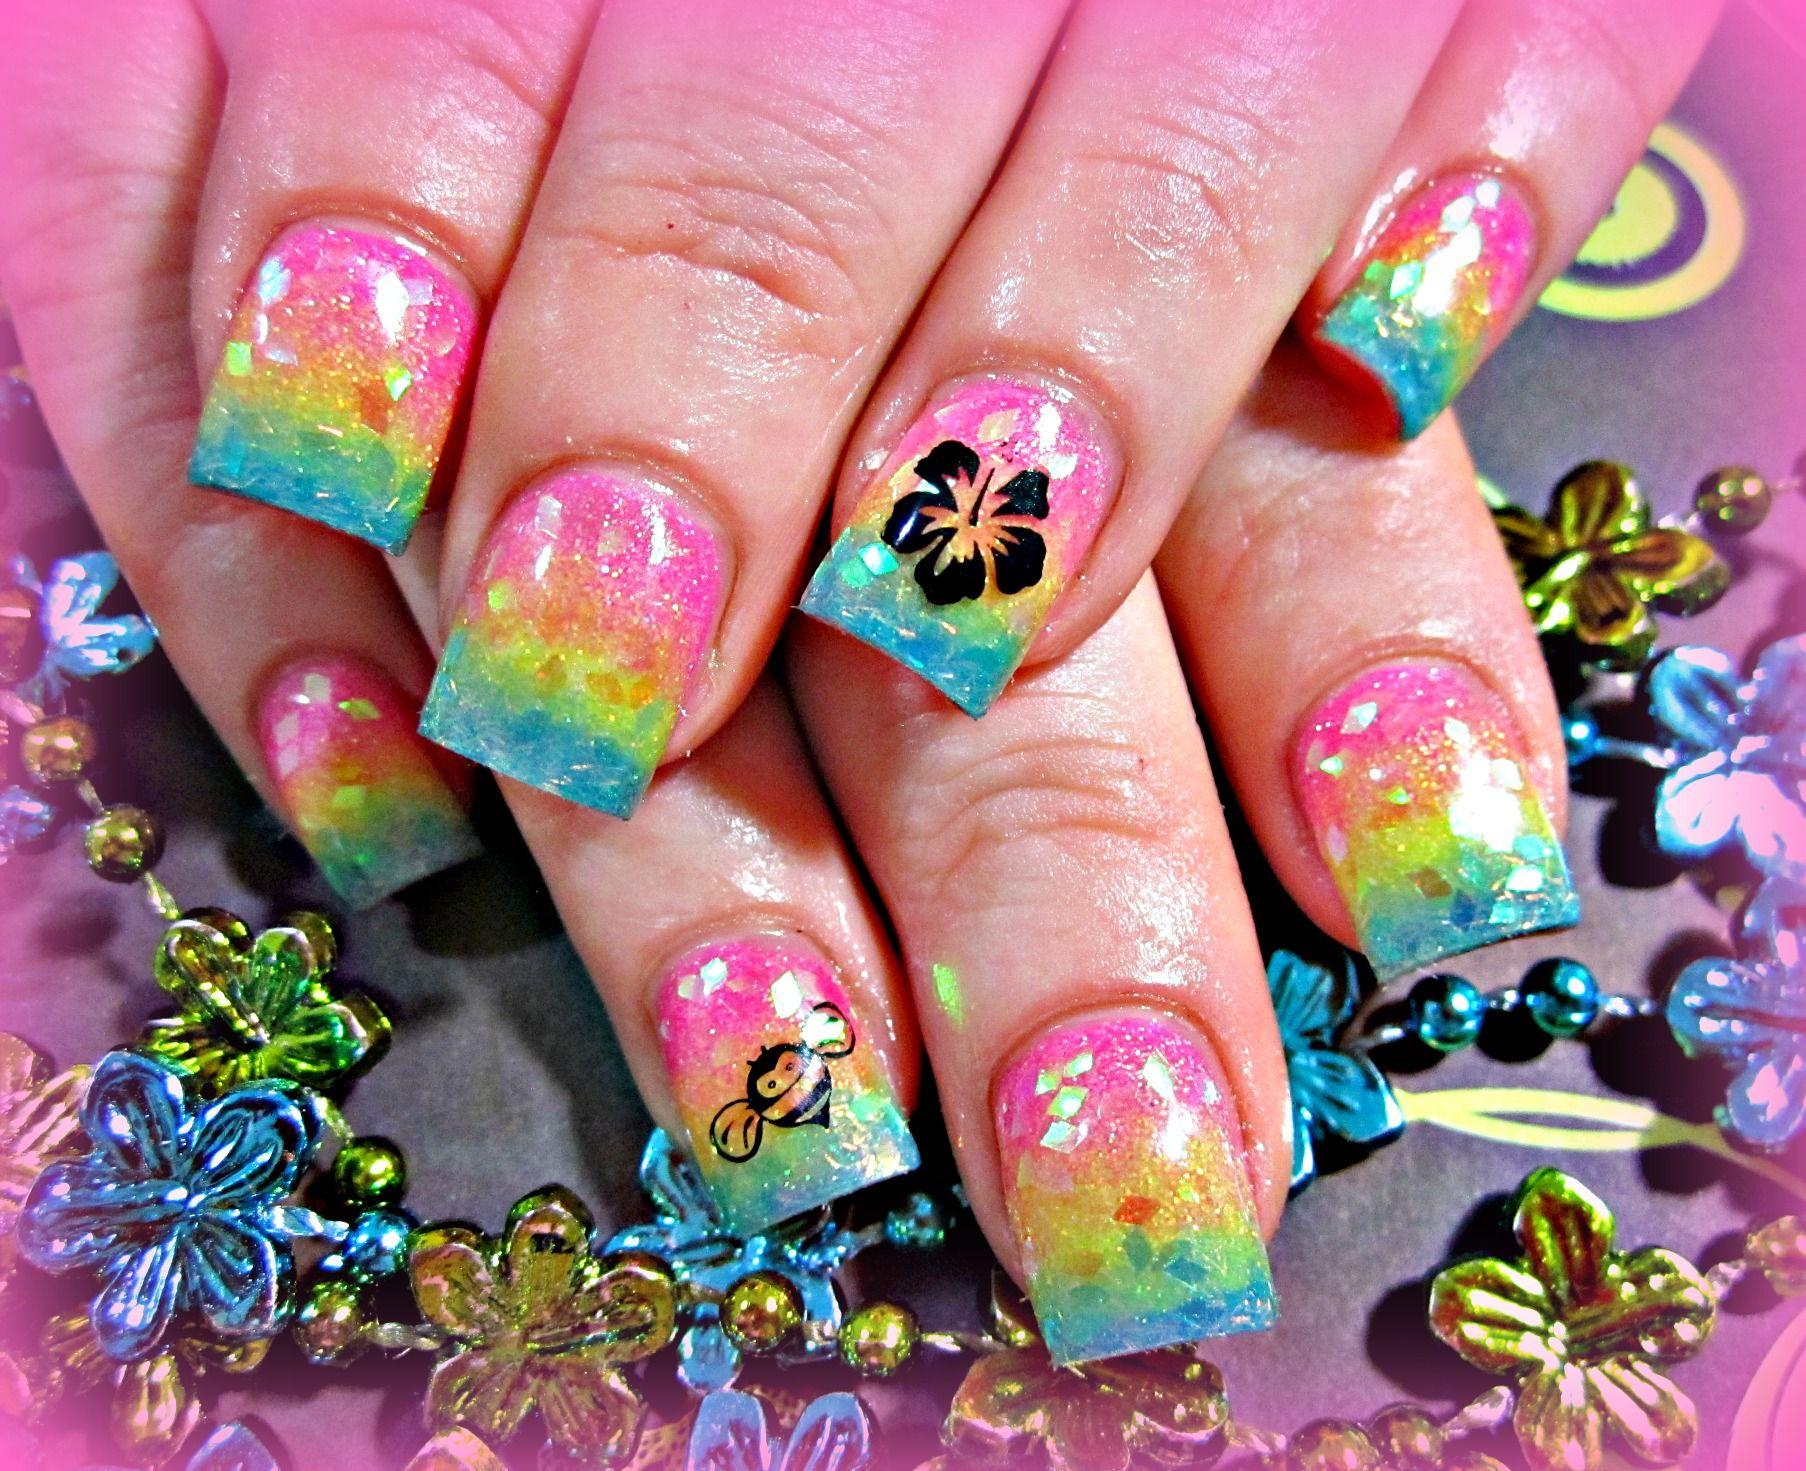 Rainbow fade acrylic nails   Nails   Pinterest